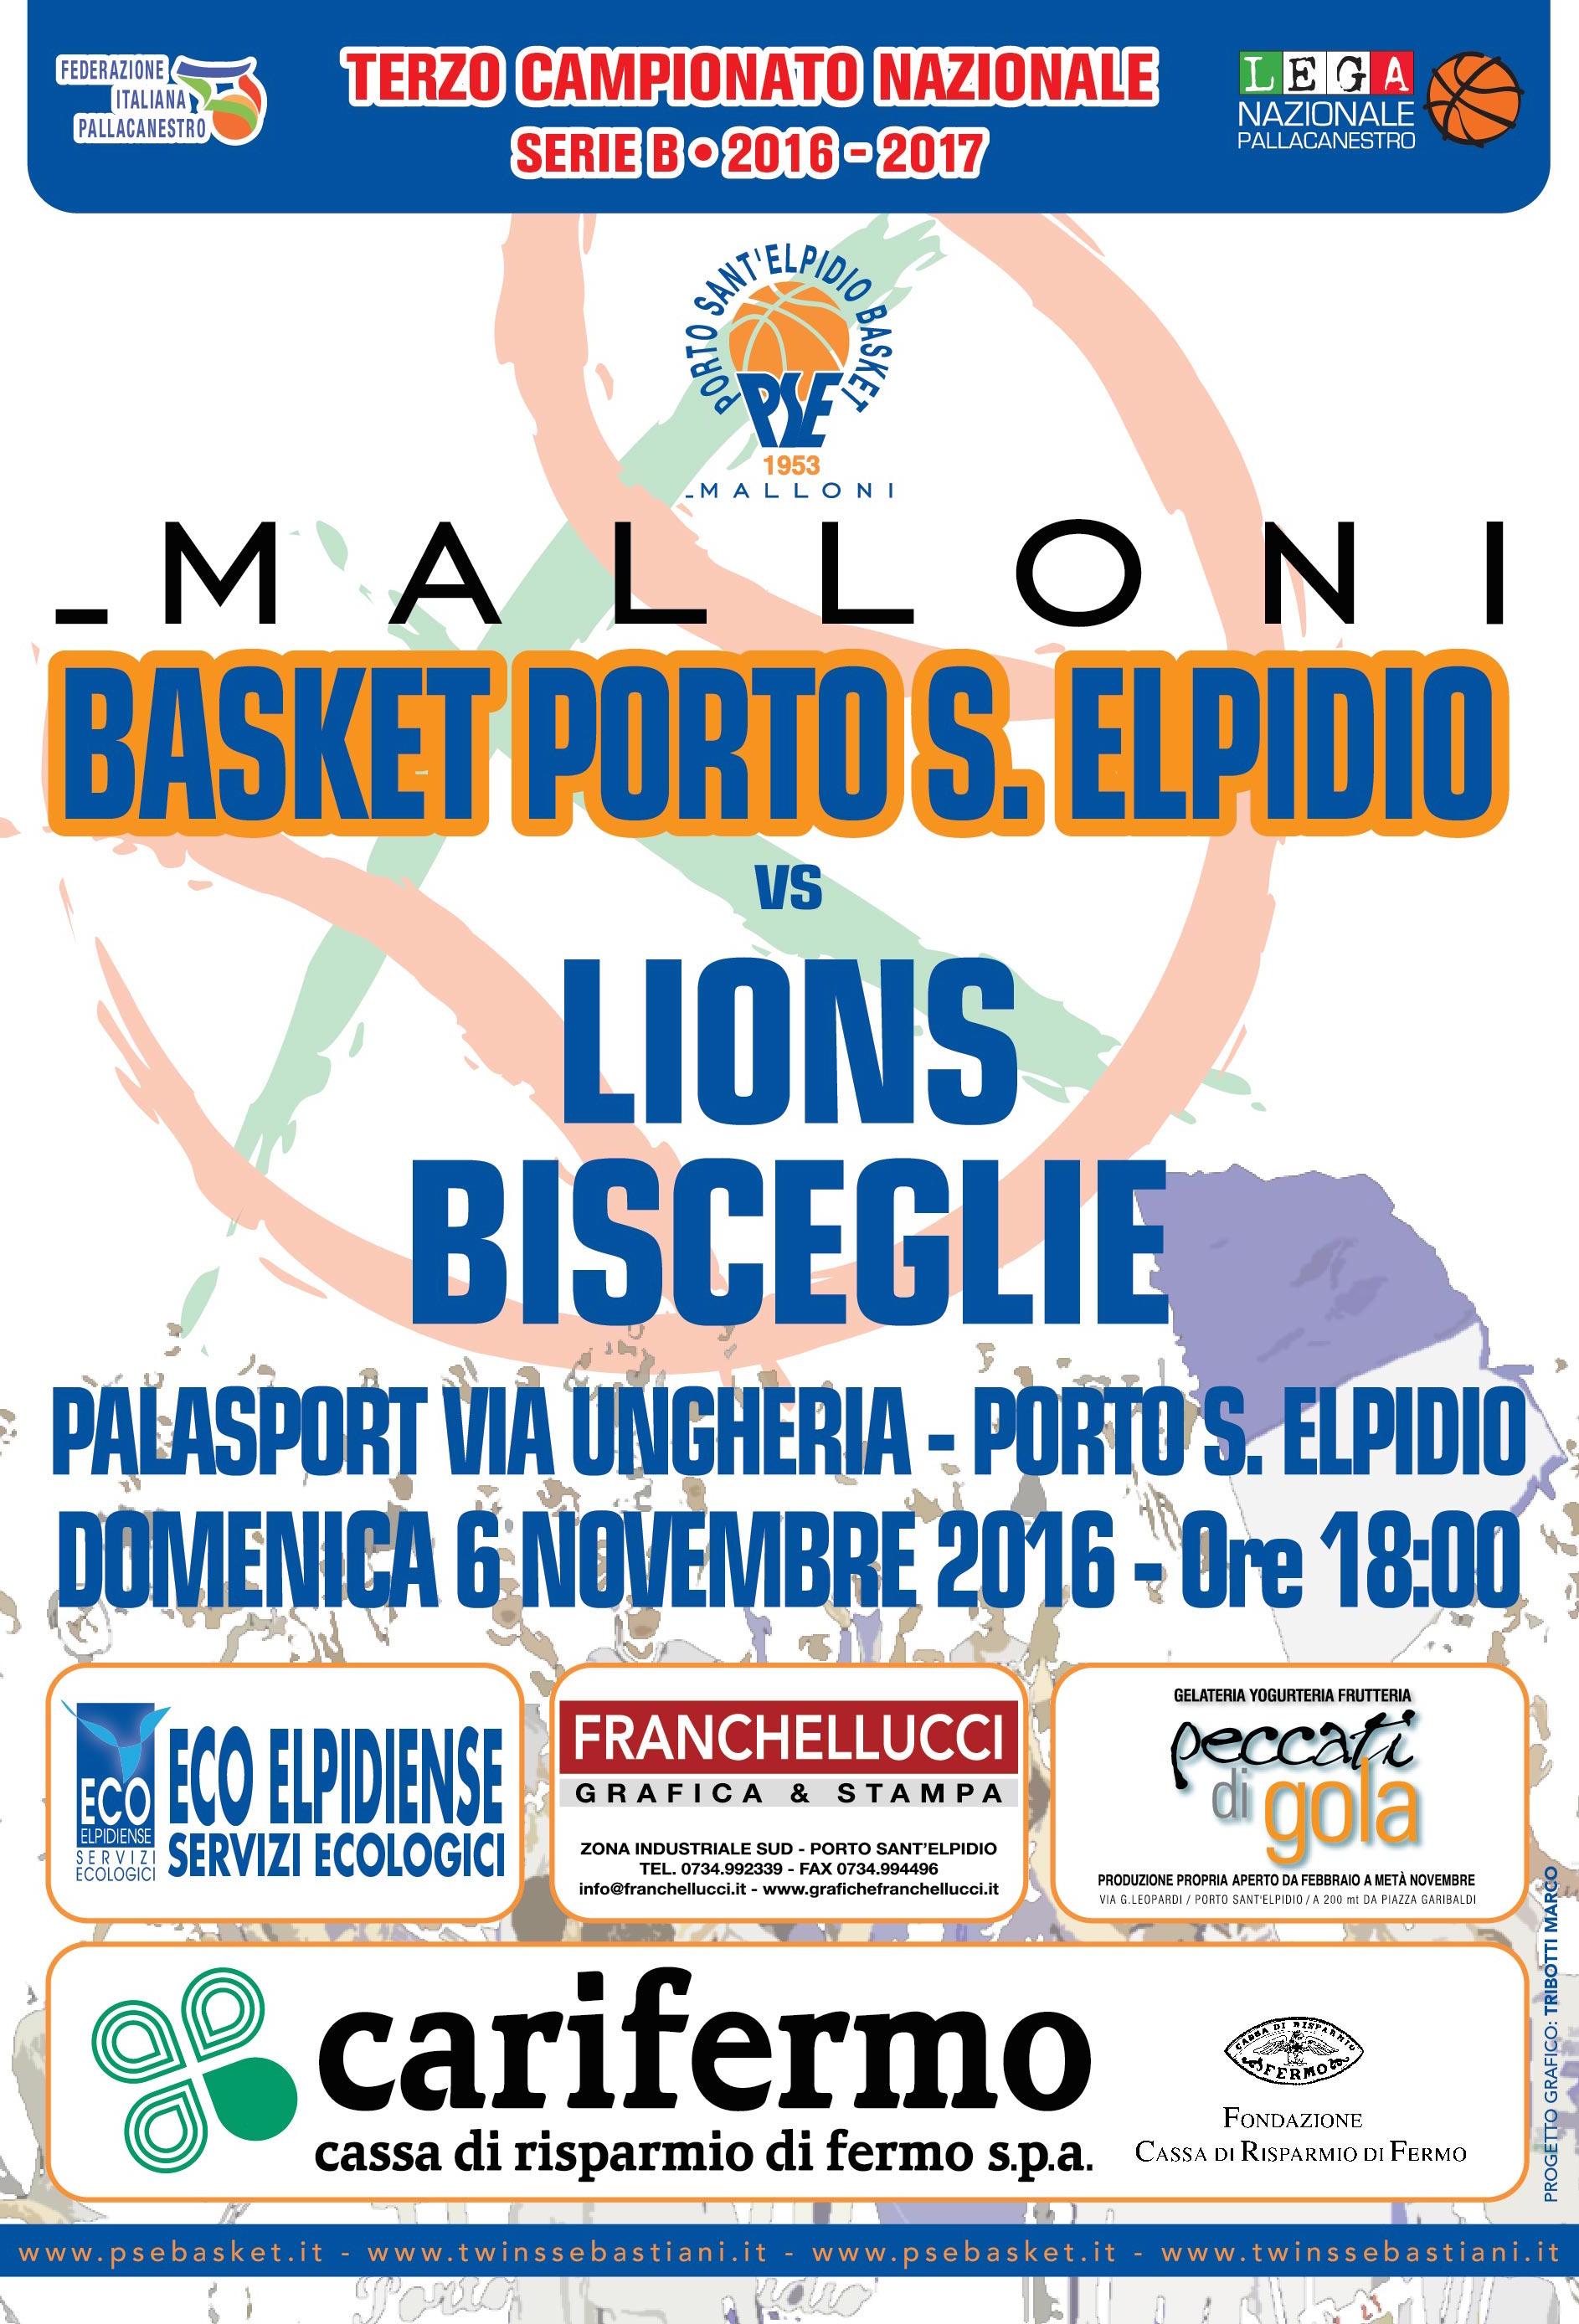 Malloni P.S.Elpidio-Bisceglie, disposizioni ordine pubblico